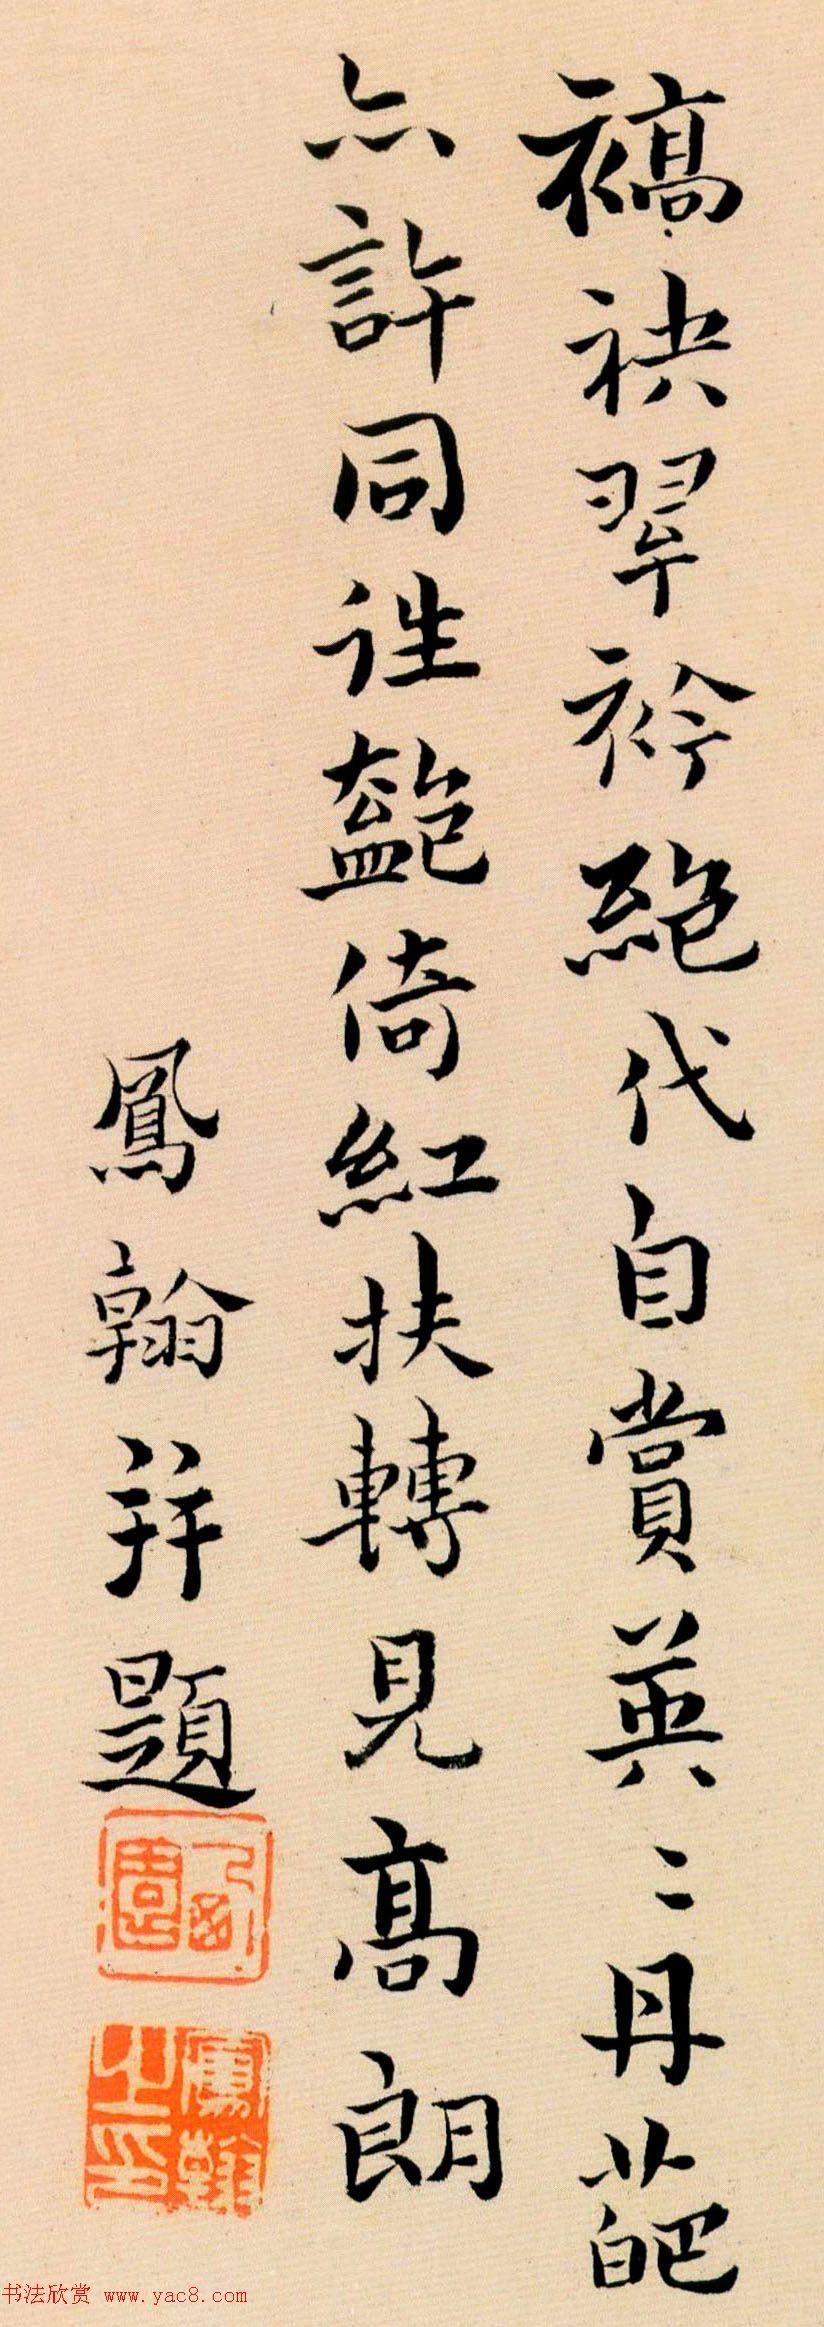 清代高凤翰行书欣赏《自题牡丹册》